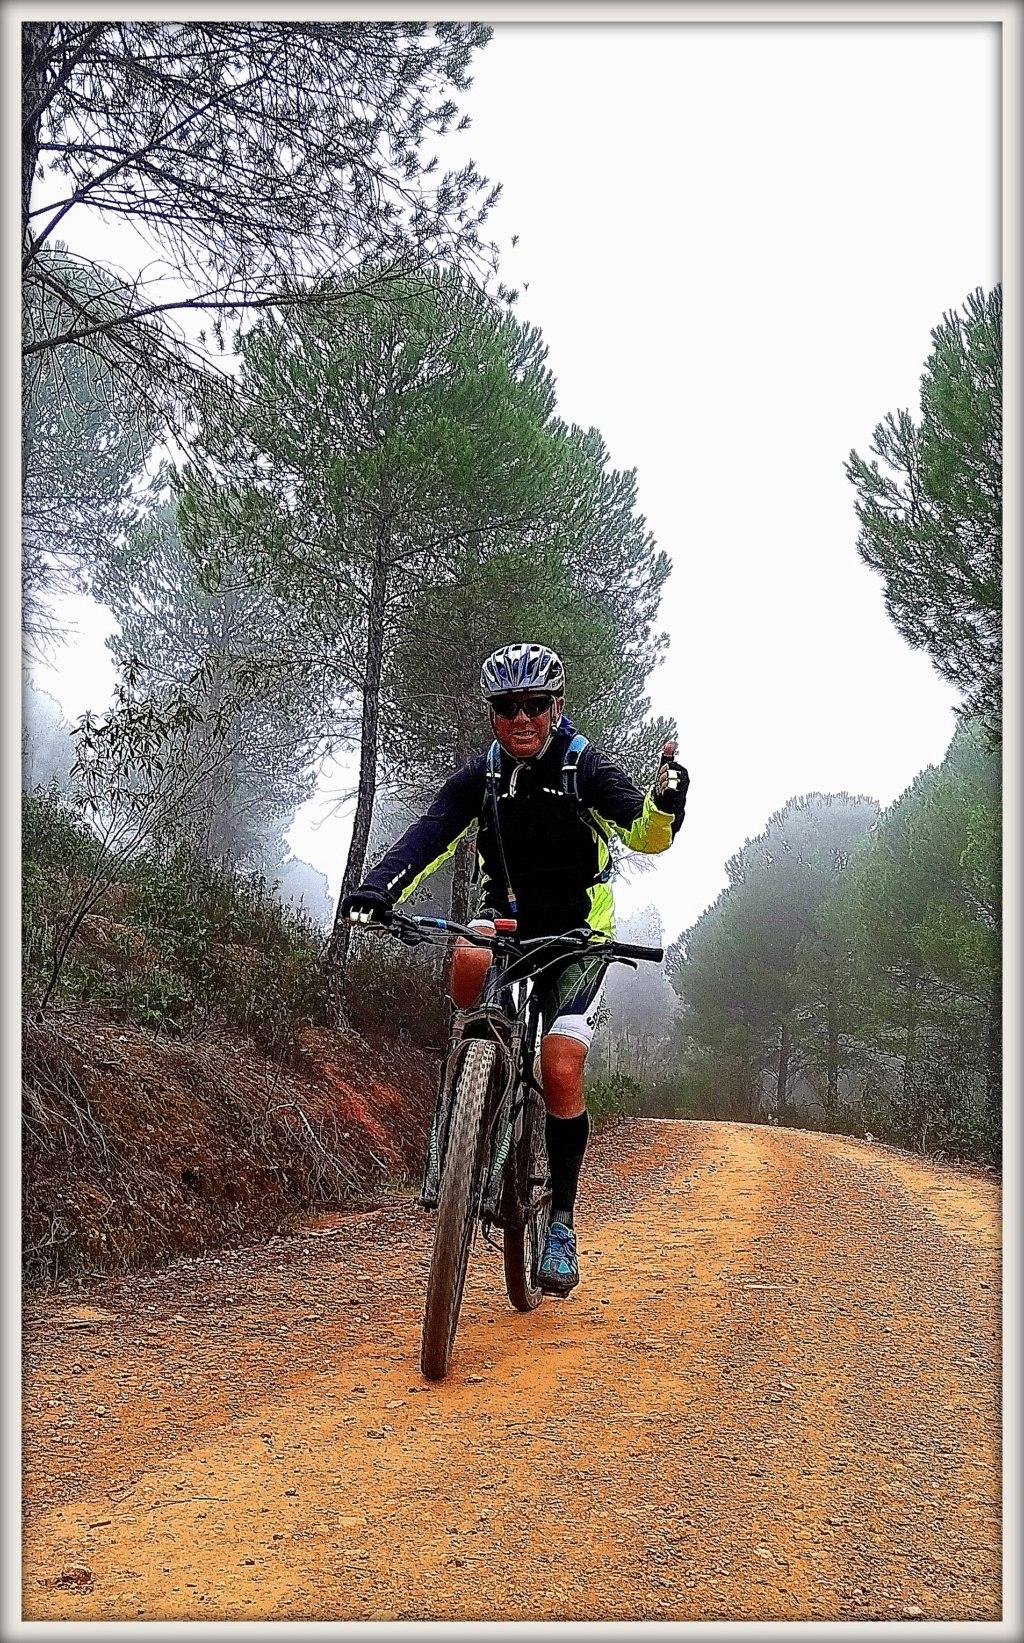 SABADO 08/02/2020 Valverde del Camino - DOLMENES - Pozuelo- Valverde (46 Km y 700m.) Img_2017